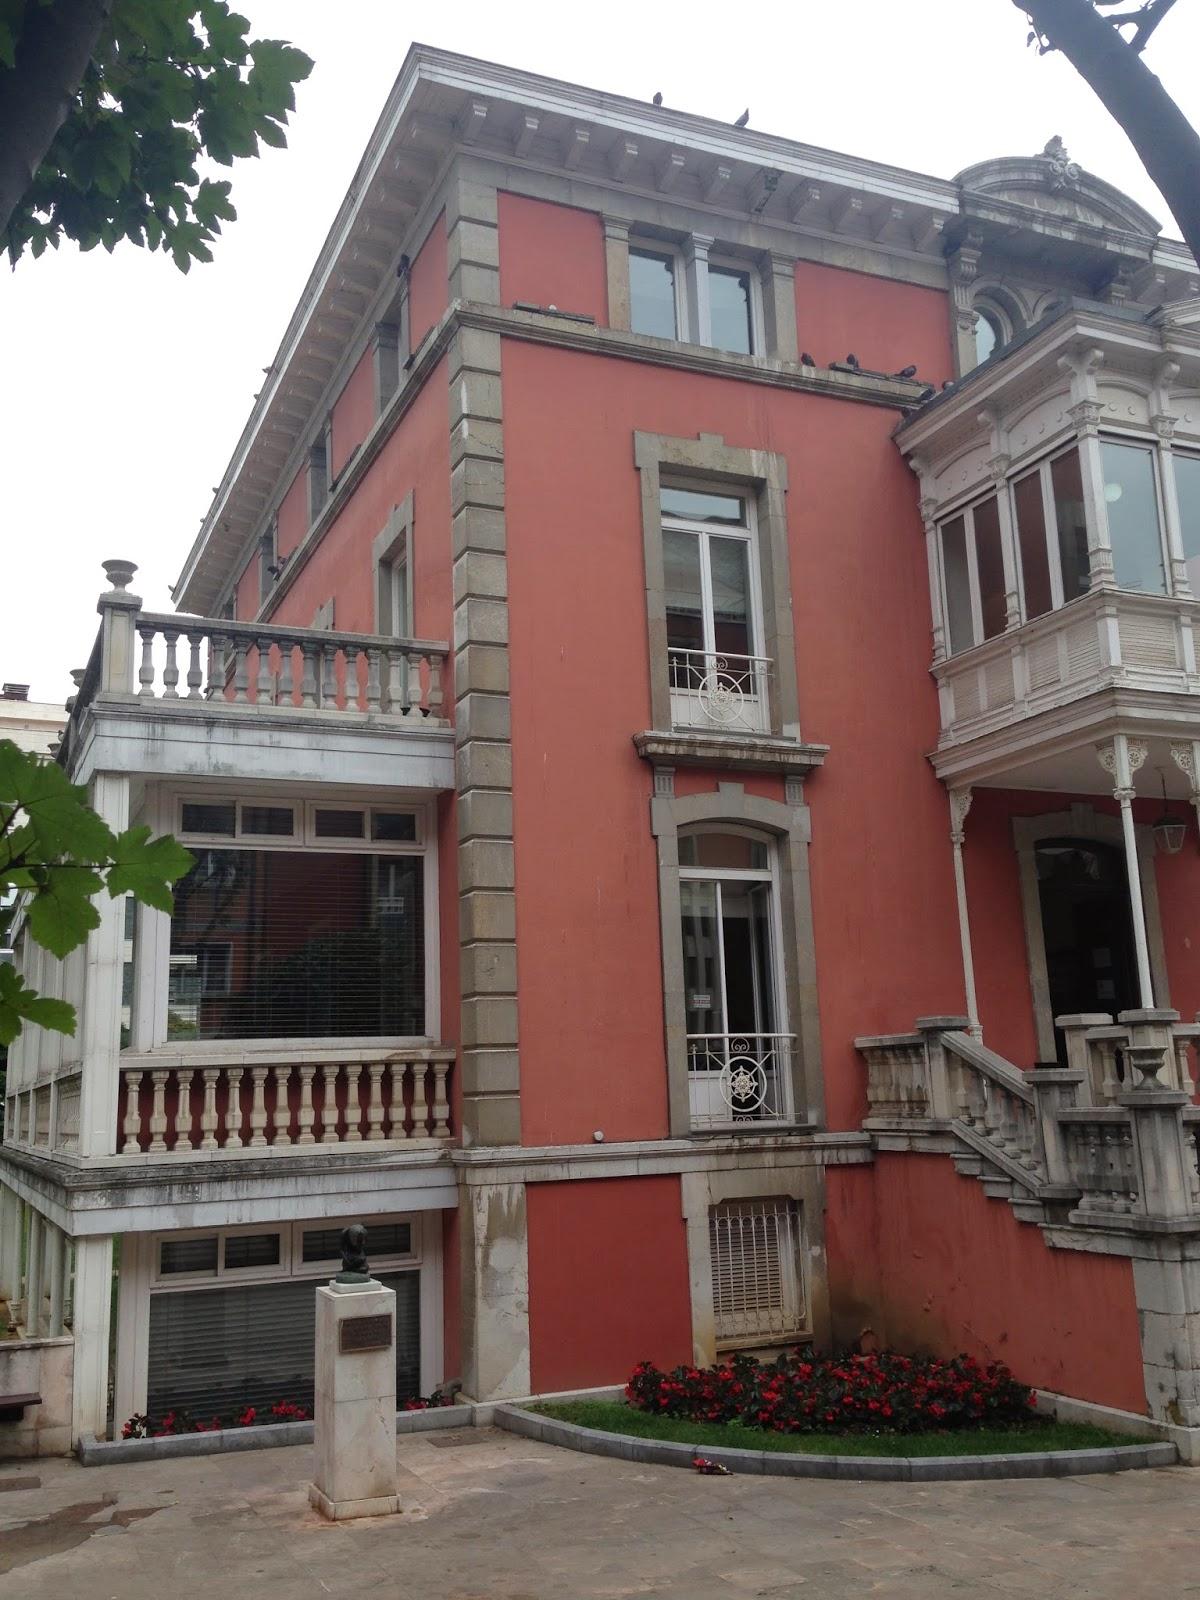 Patrimonio arquitect nico de asturias palacete de la lila oviedo arquitecto juan miguel de la - Arquitectos en oviedo ...